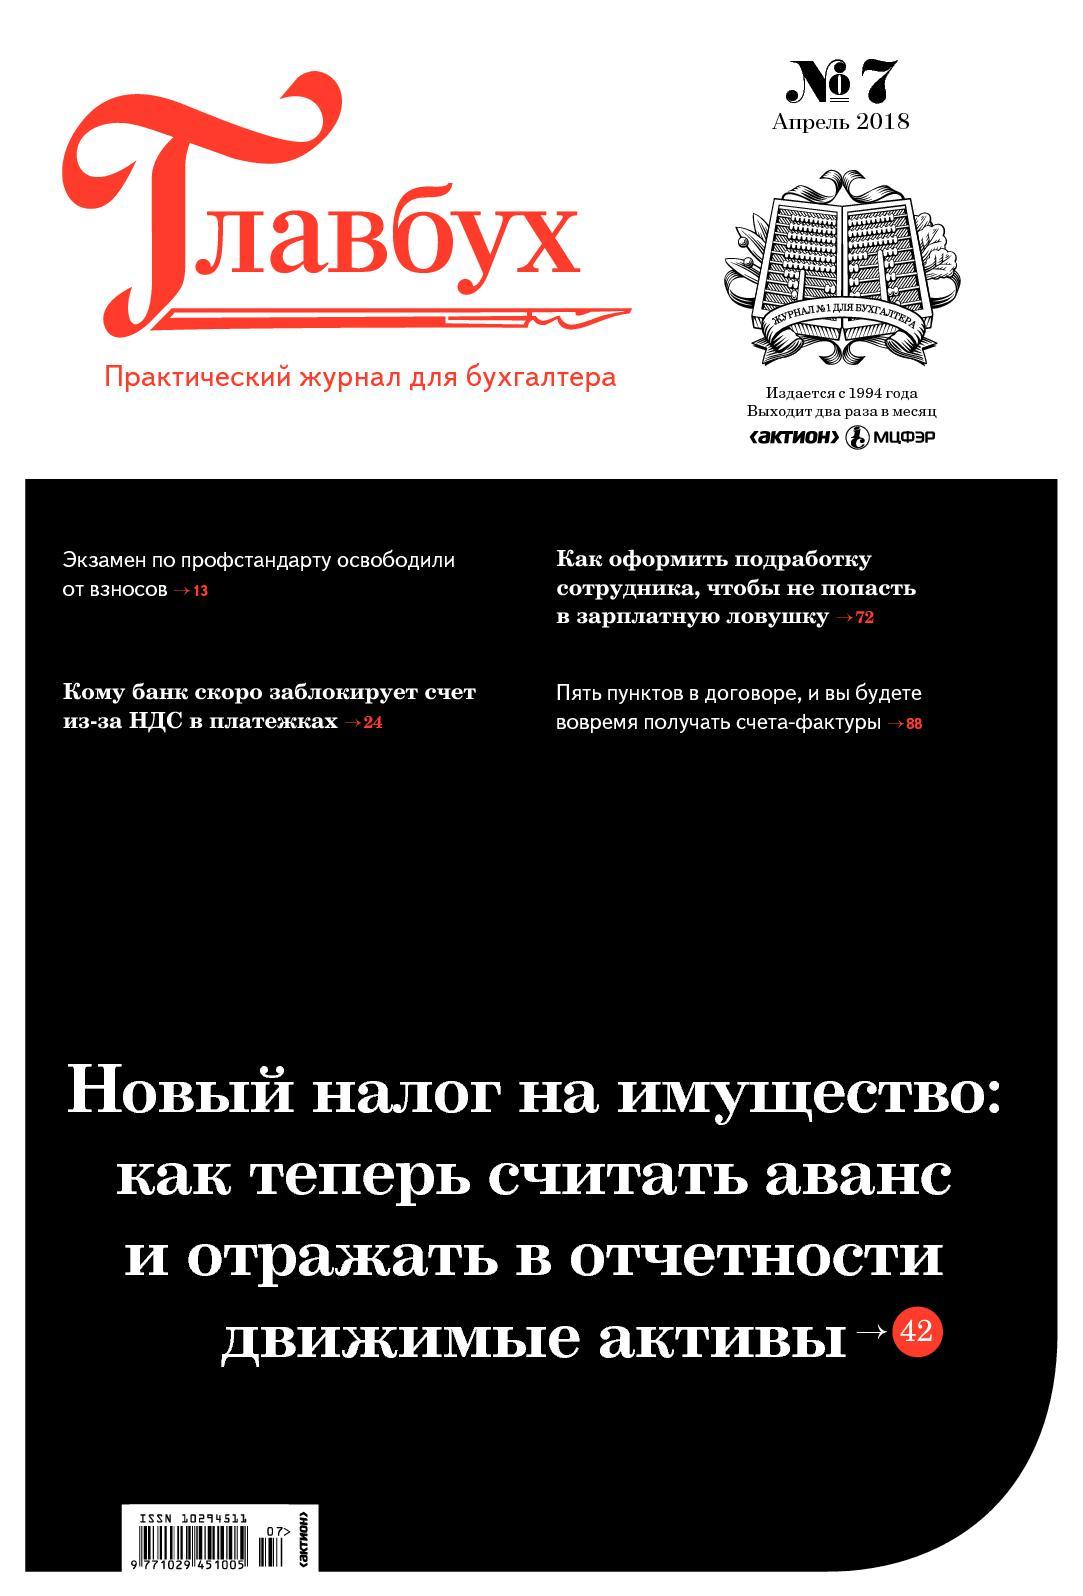 Финансовые услуги в Киеве: кредиты, деньги в долг